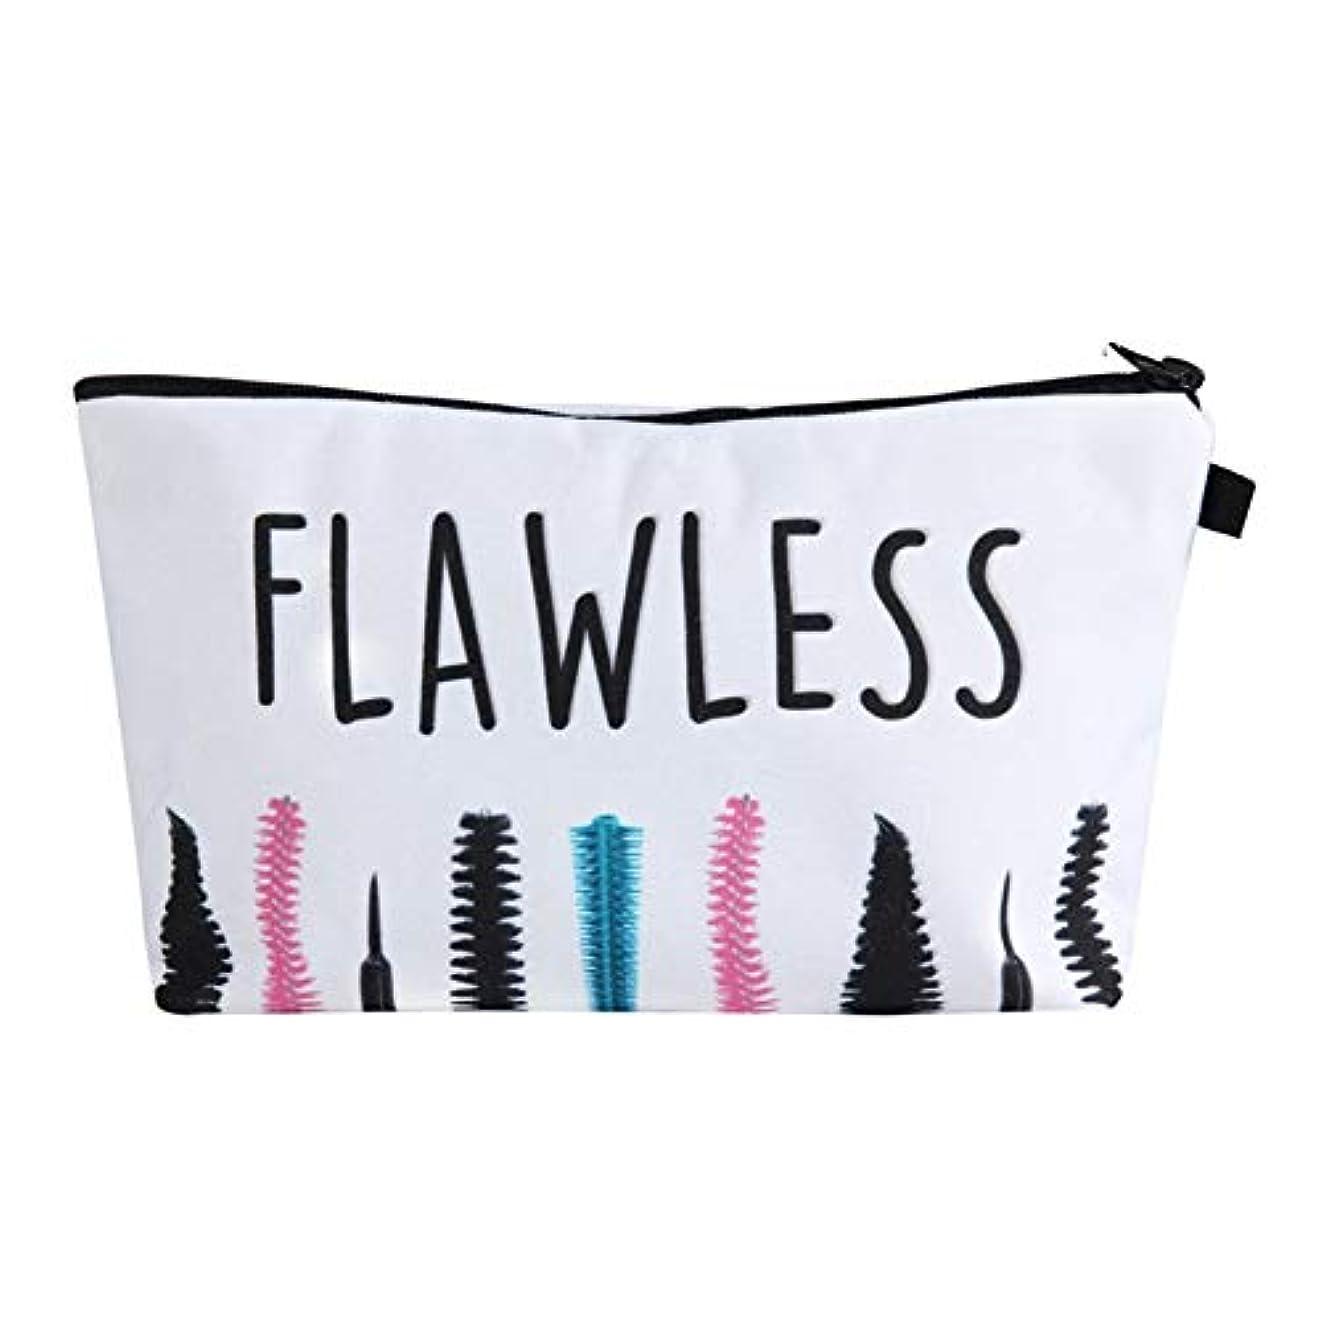 手書き対抗絶妙化粧オーガナイザーバッグ ポータブル防水化粧品袋印刷トップジッパーメークアップの場合旅行 化粧品ケース (色 : 白)